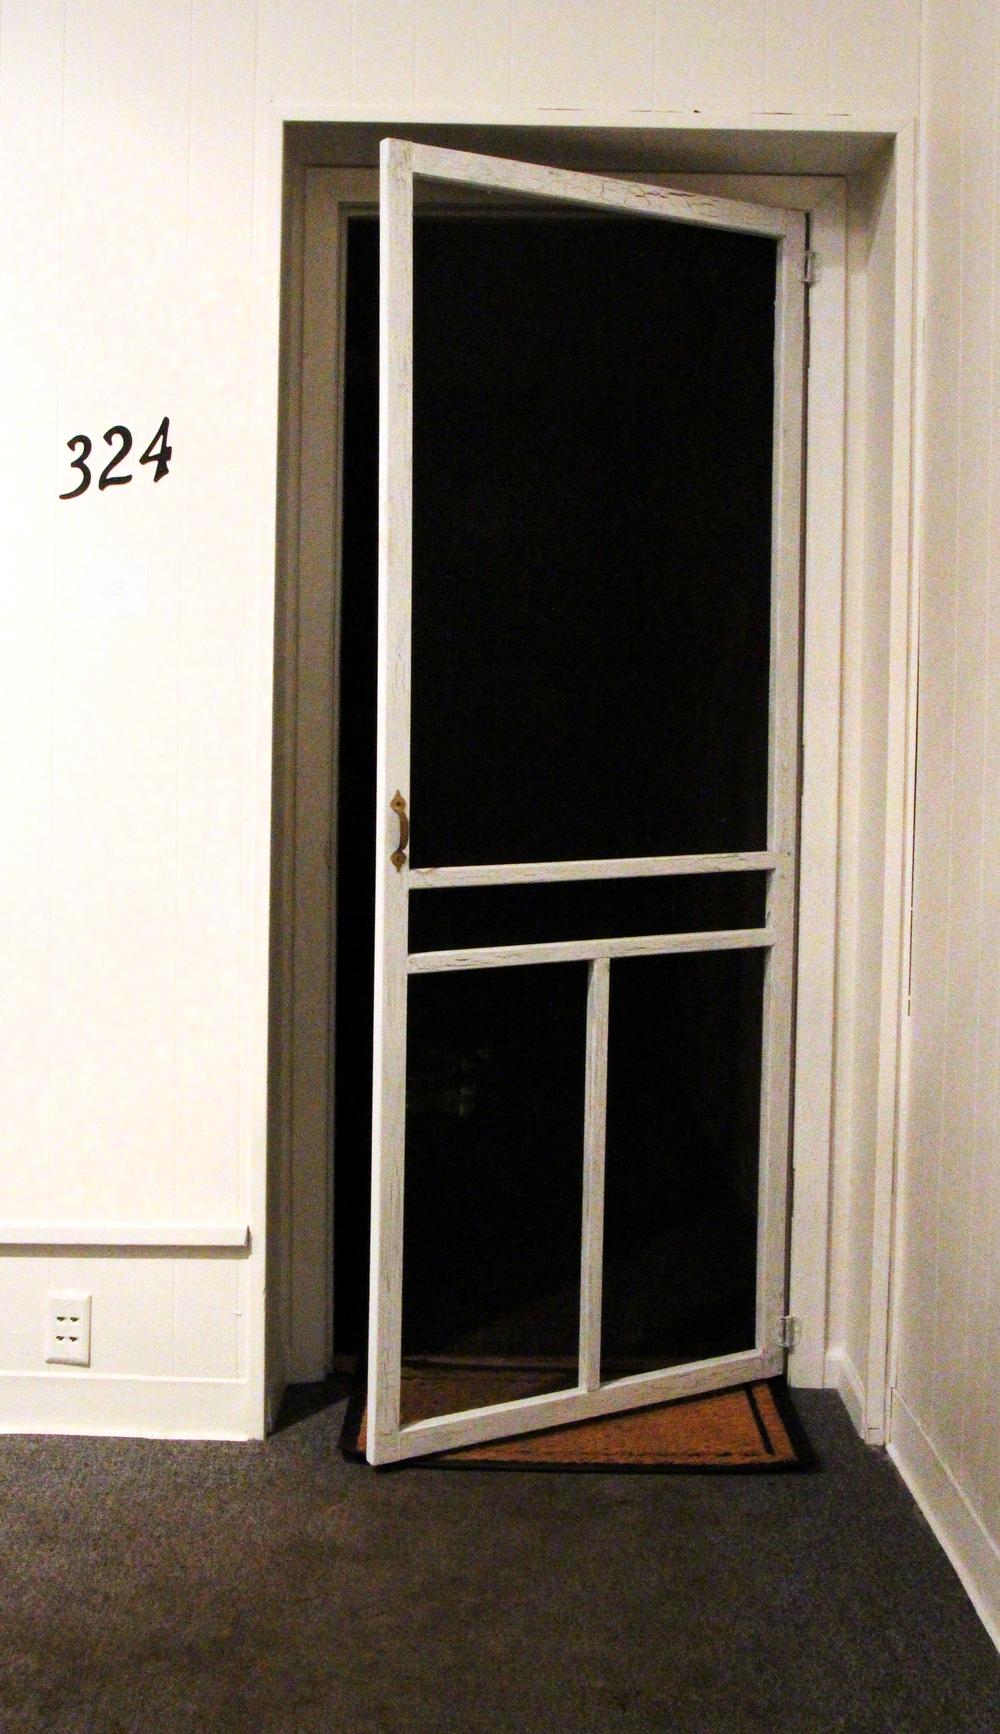 324-1 Allyssa Burch 451 Spring14.JPG